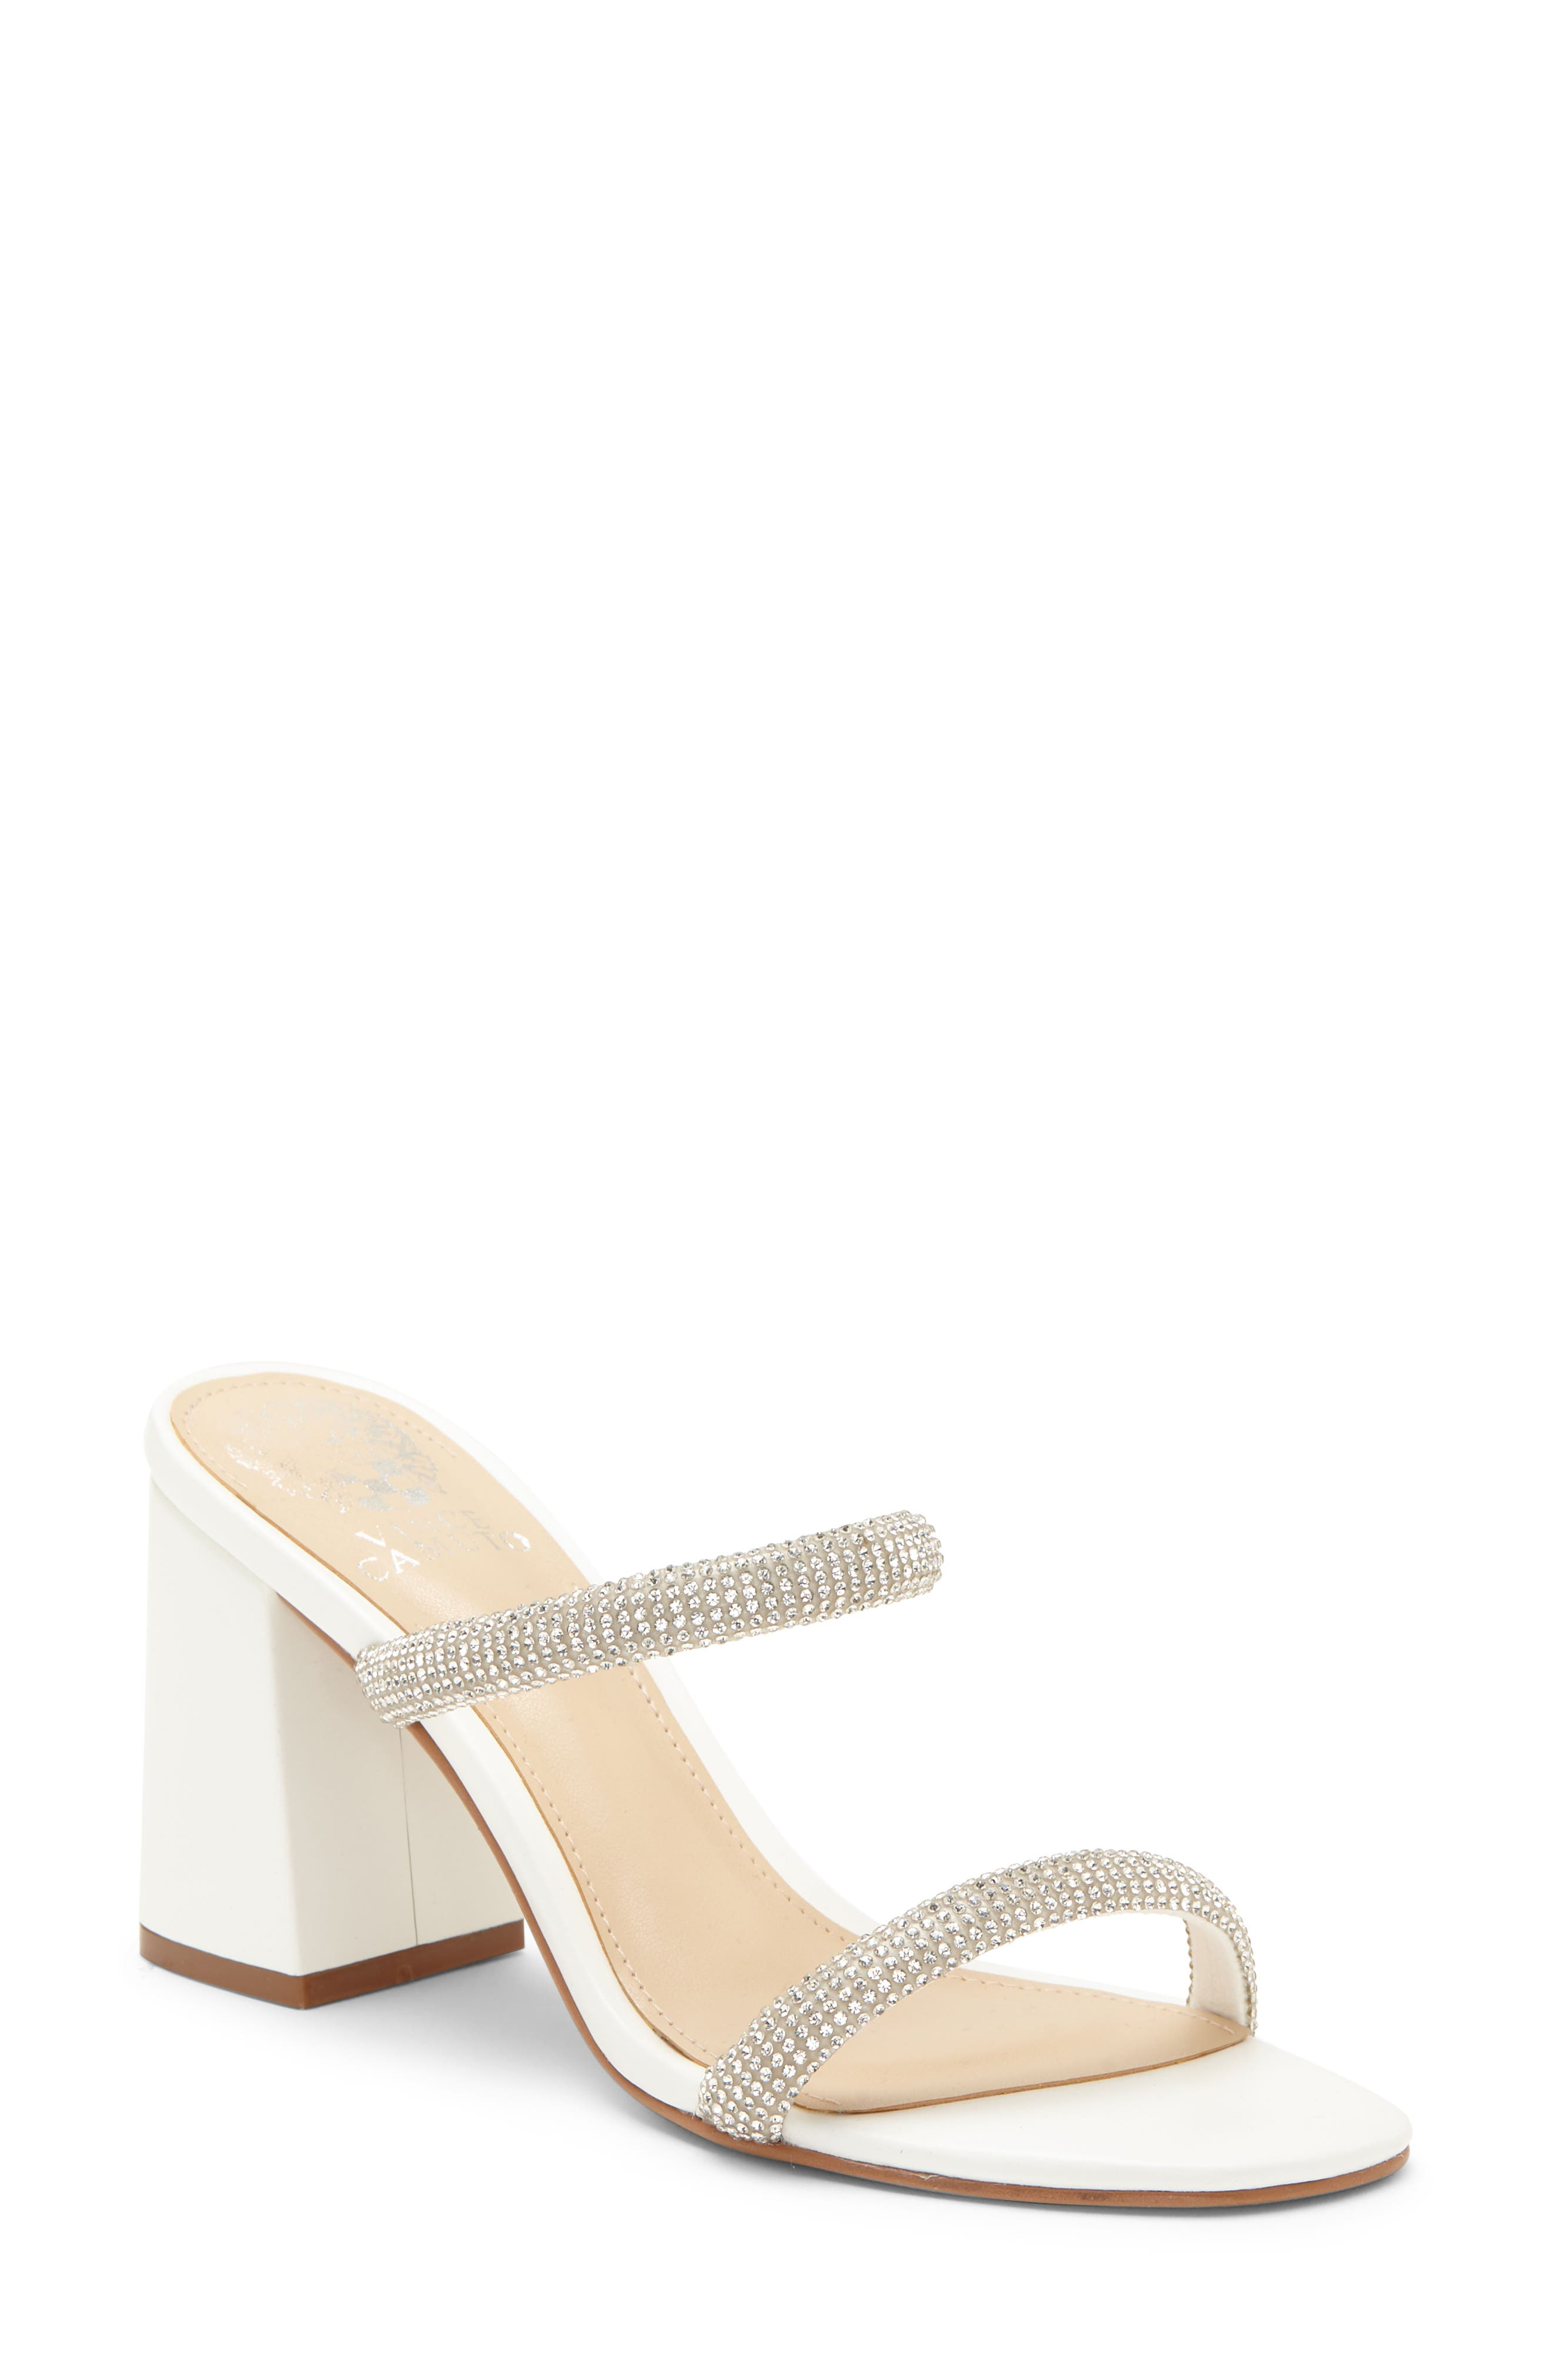 Image of Vince Camuto Magaly Embellished Block Heel Sandal